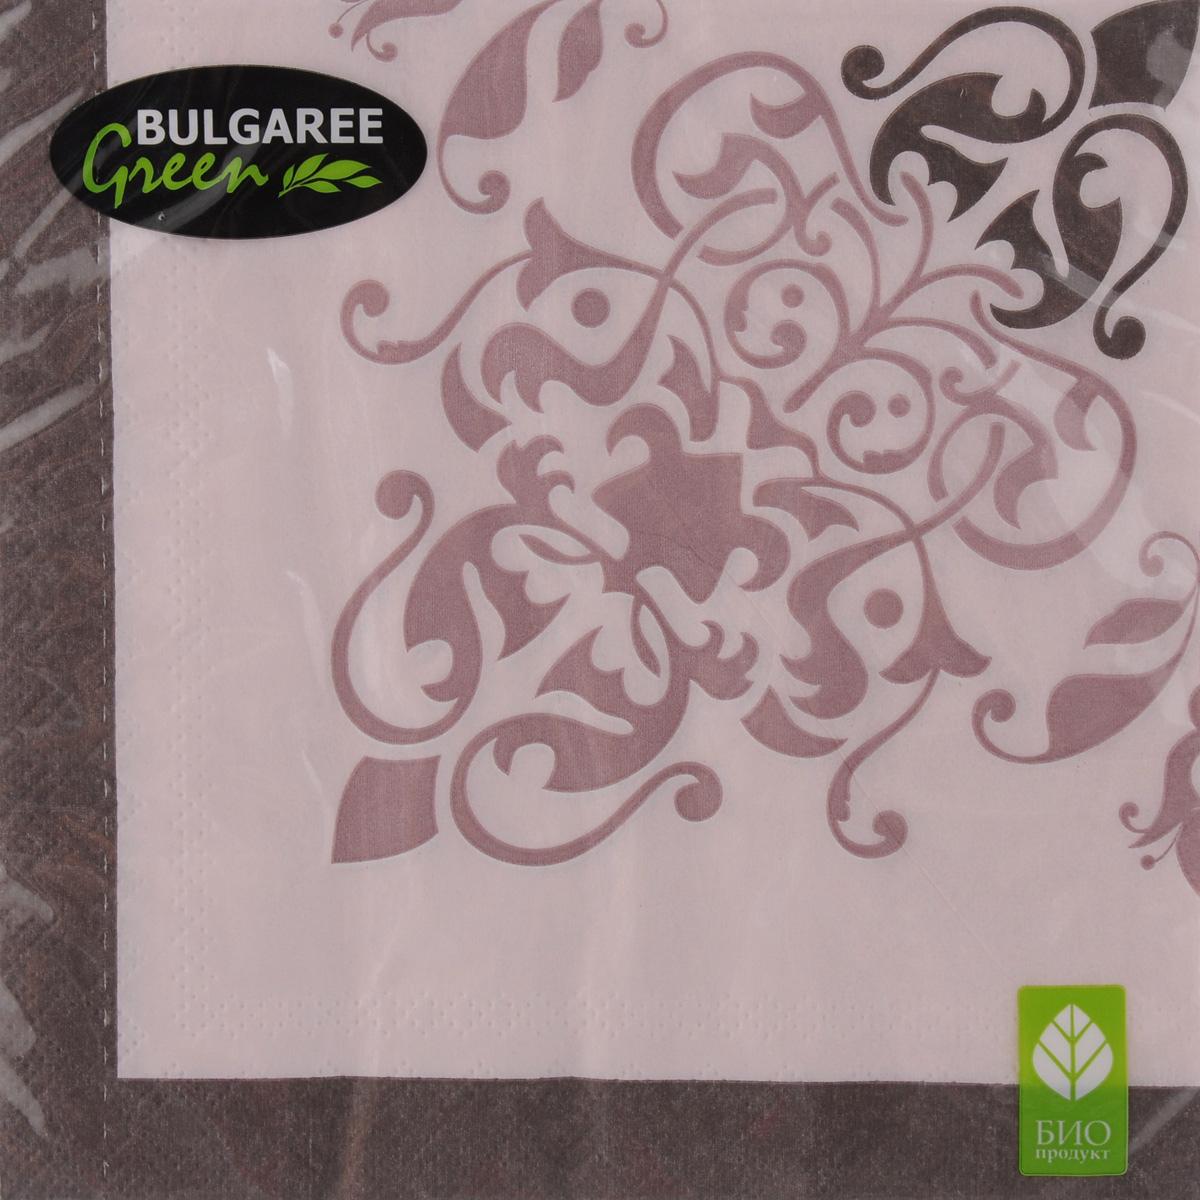 Салфетки бумажные Bulgaree Green Классика. Перфетто, трехслойные, 33 х 33 см, 20 шт1002238Декоративные трехслойные салфетки Bulgaree Green Классика. Перфетто выполнены из 100% целлюлозы европейского качества и оформлены ярким рисунком. Изделия станут отличным дополнением любого праздничного стола. Они отличаются необычной мягкостью, прочностью и оригинальностью. Размер салфеток в развернутом виде: 33 х 33 см.